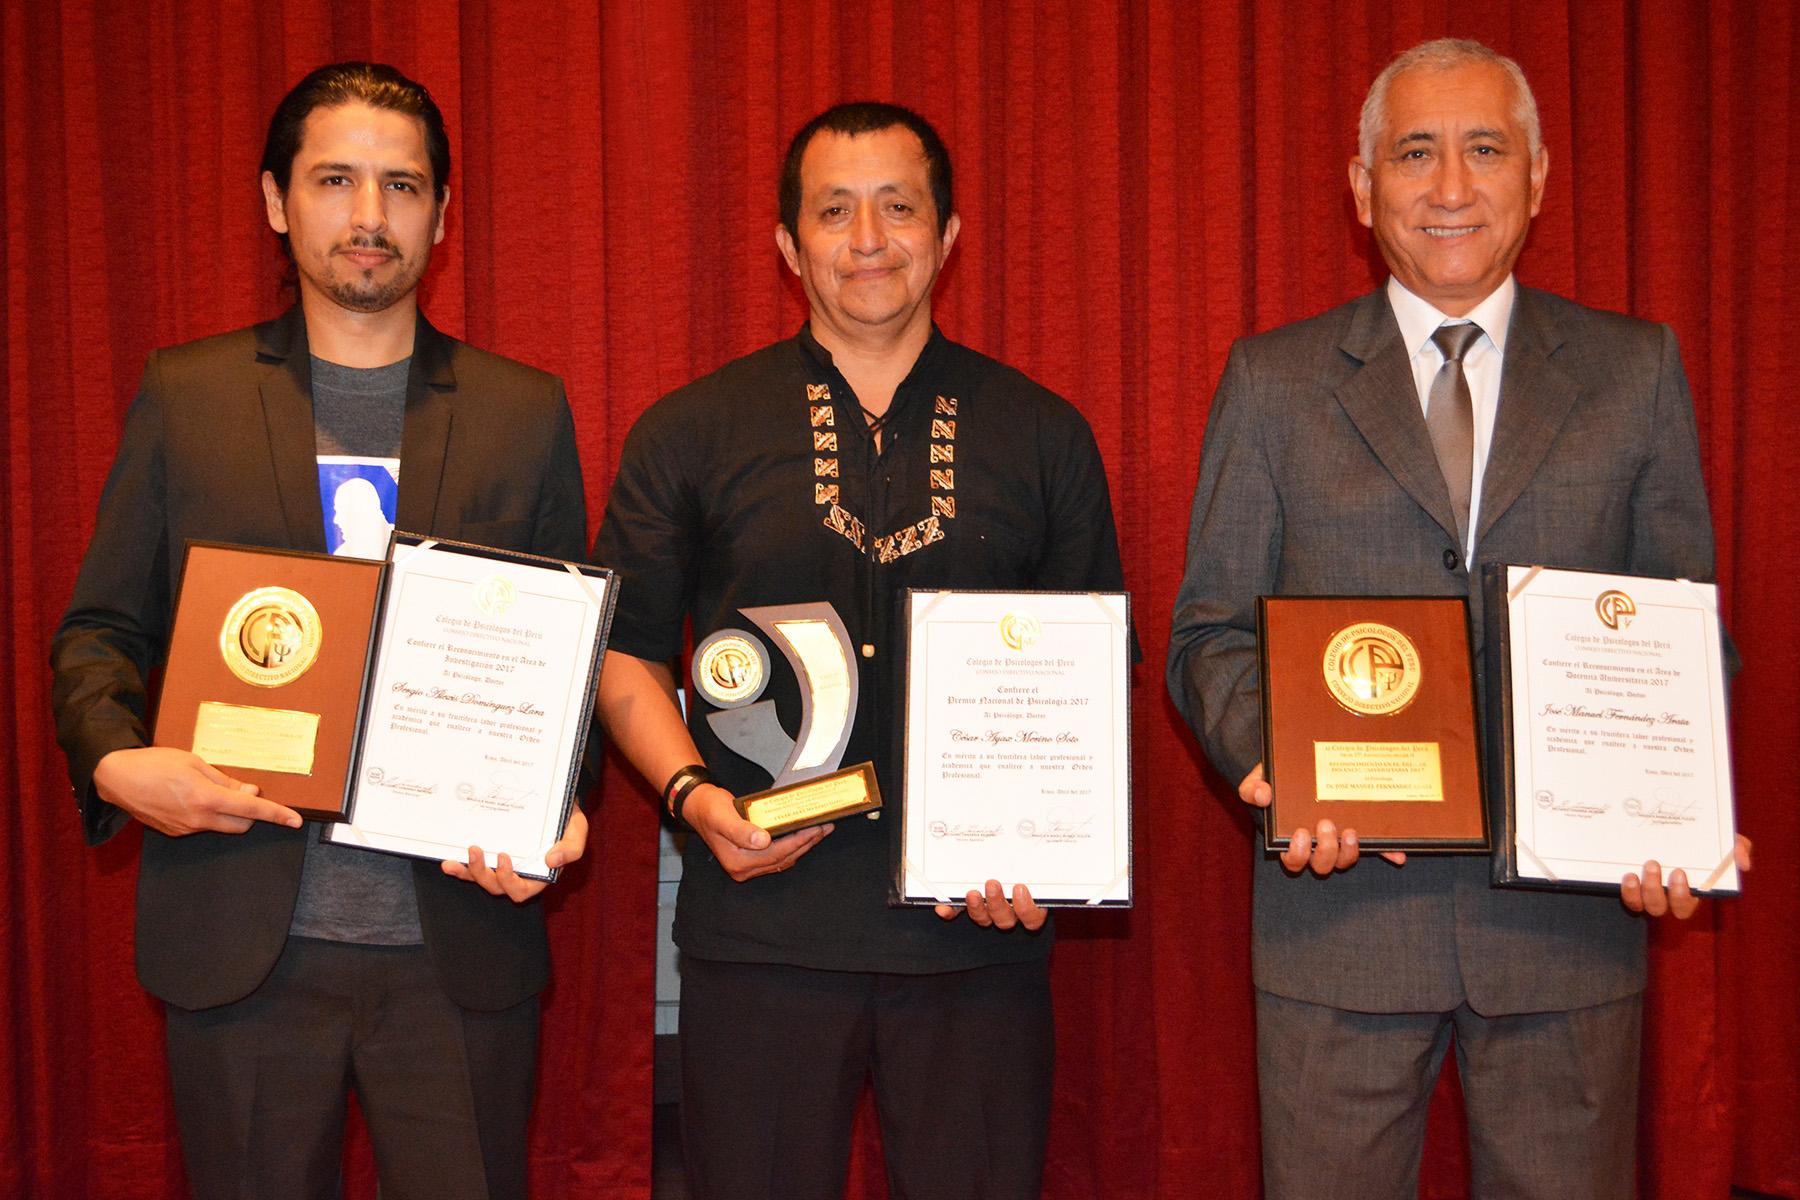 Conoce A Los Investigadores Reconocidos Por El Colegio De Psicólogos Del Perú